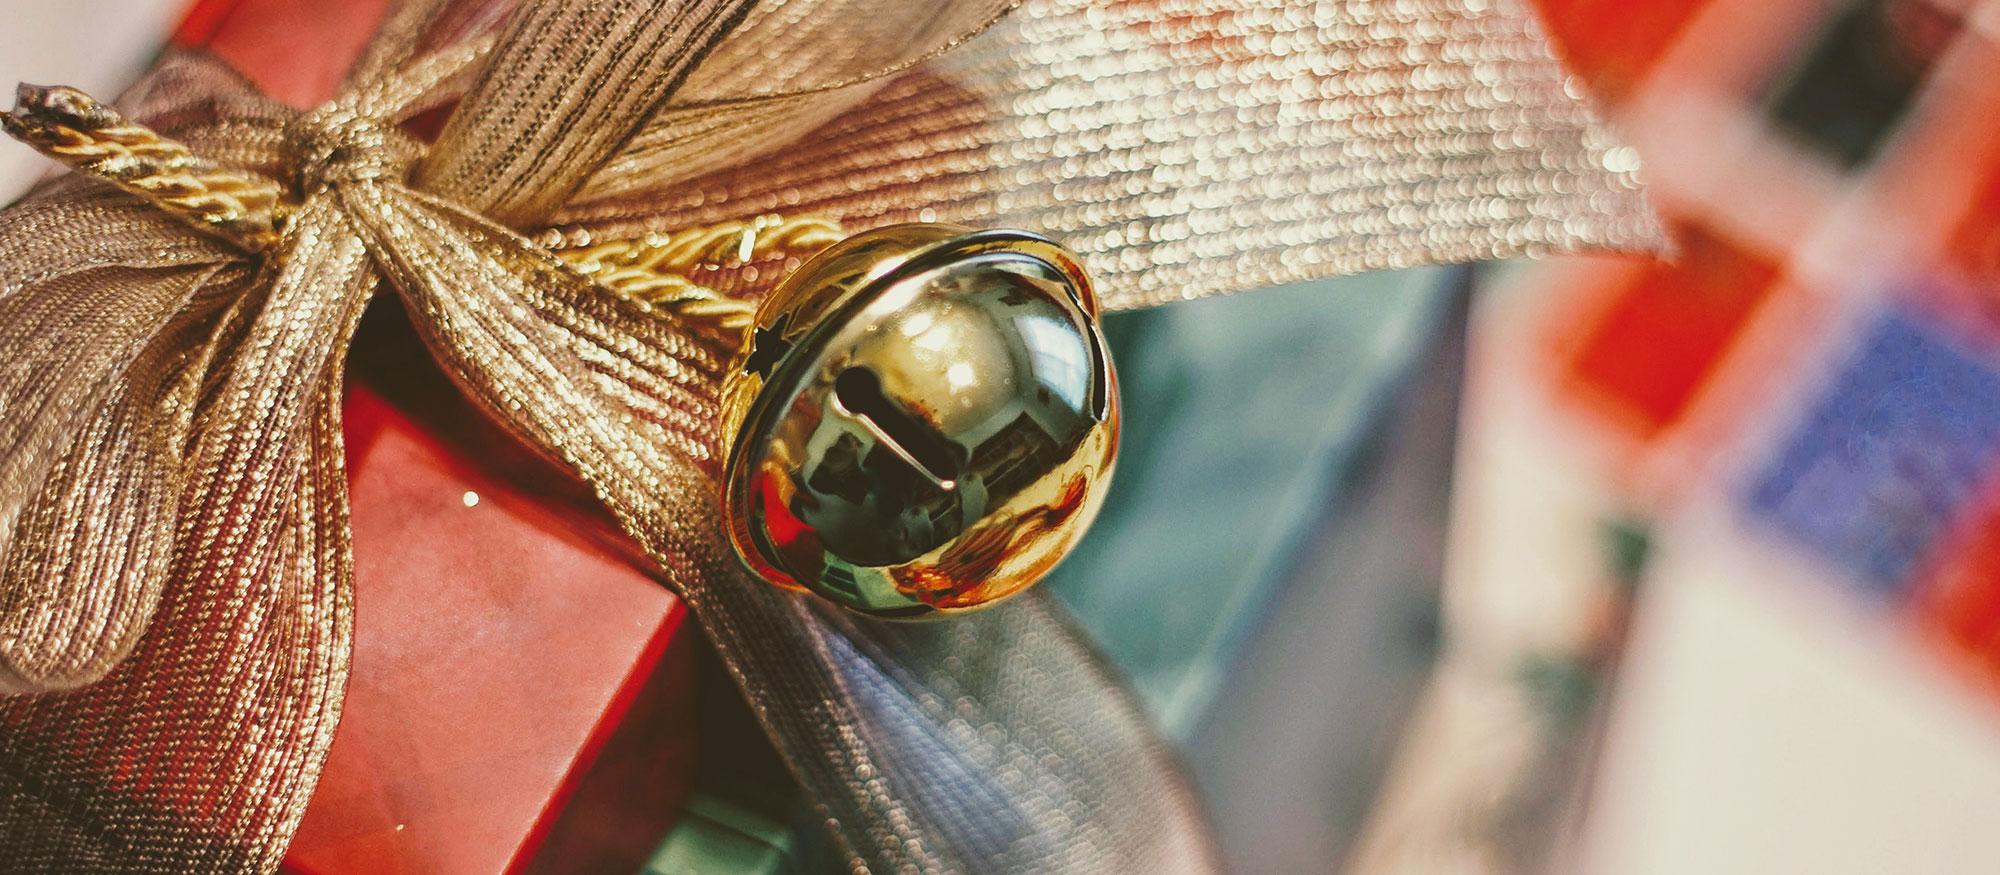 13. Türchen: Viel zu kleine Geschenke - Rainer Brose